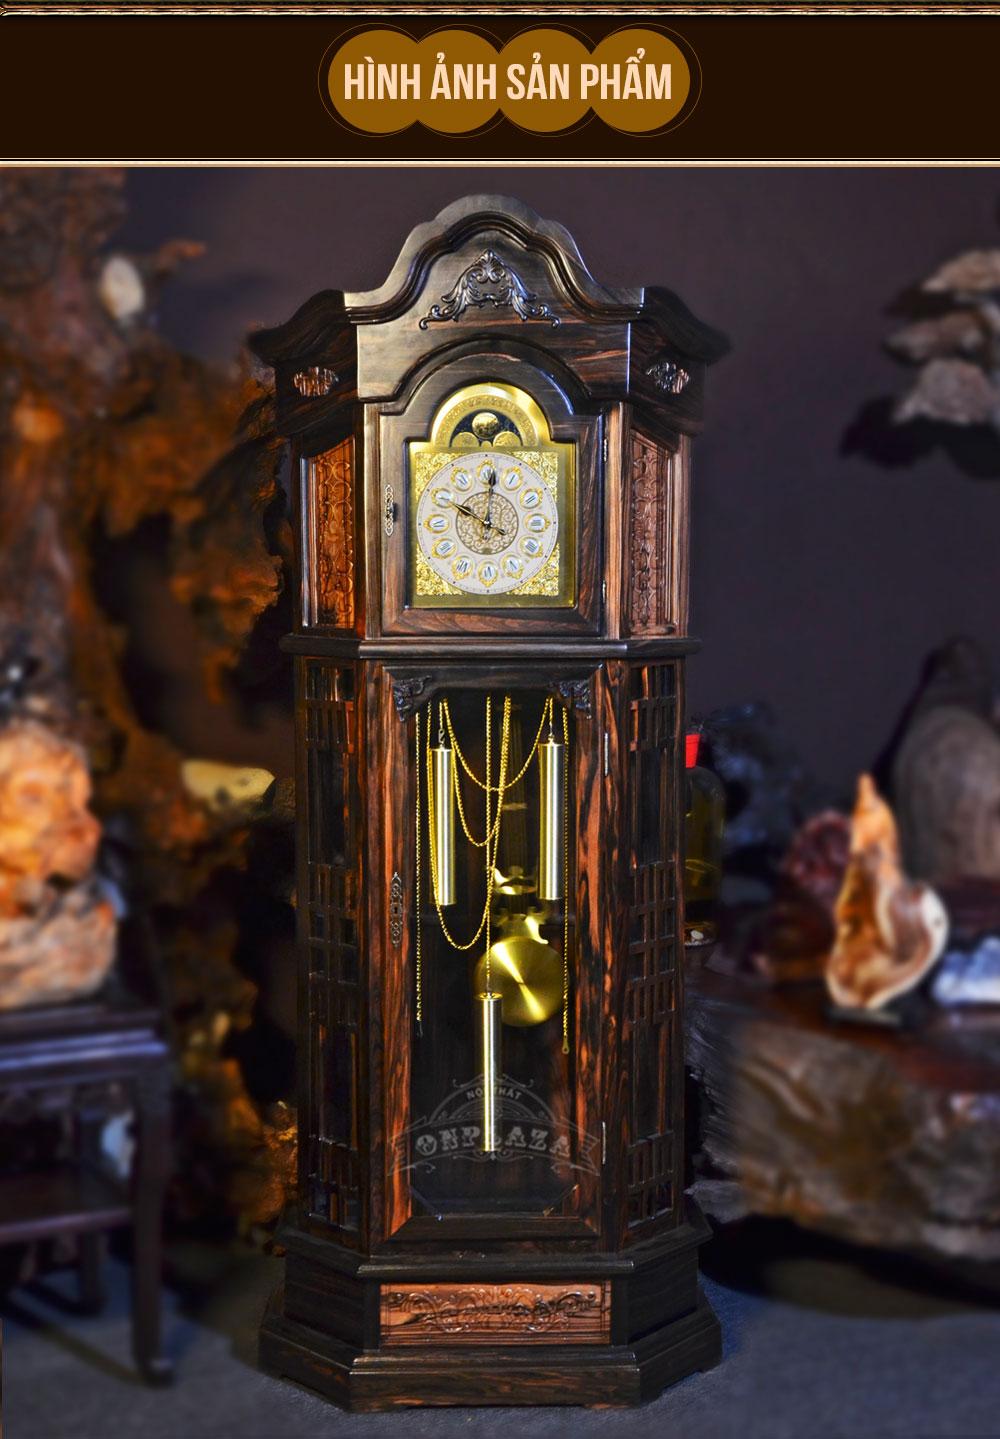 Đồng hồ cây DH19 lục lăng vuông gỗ mun hoa nhập khẩu